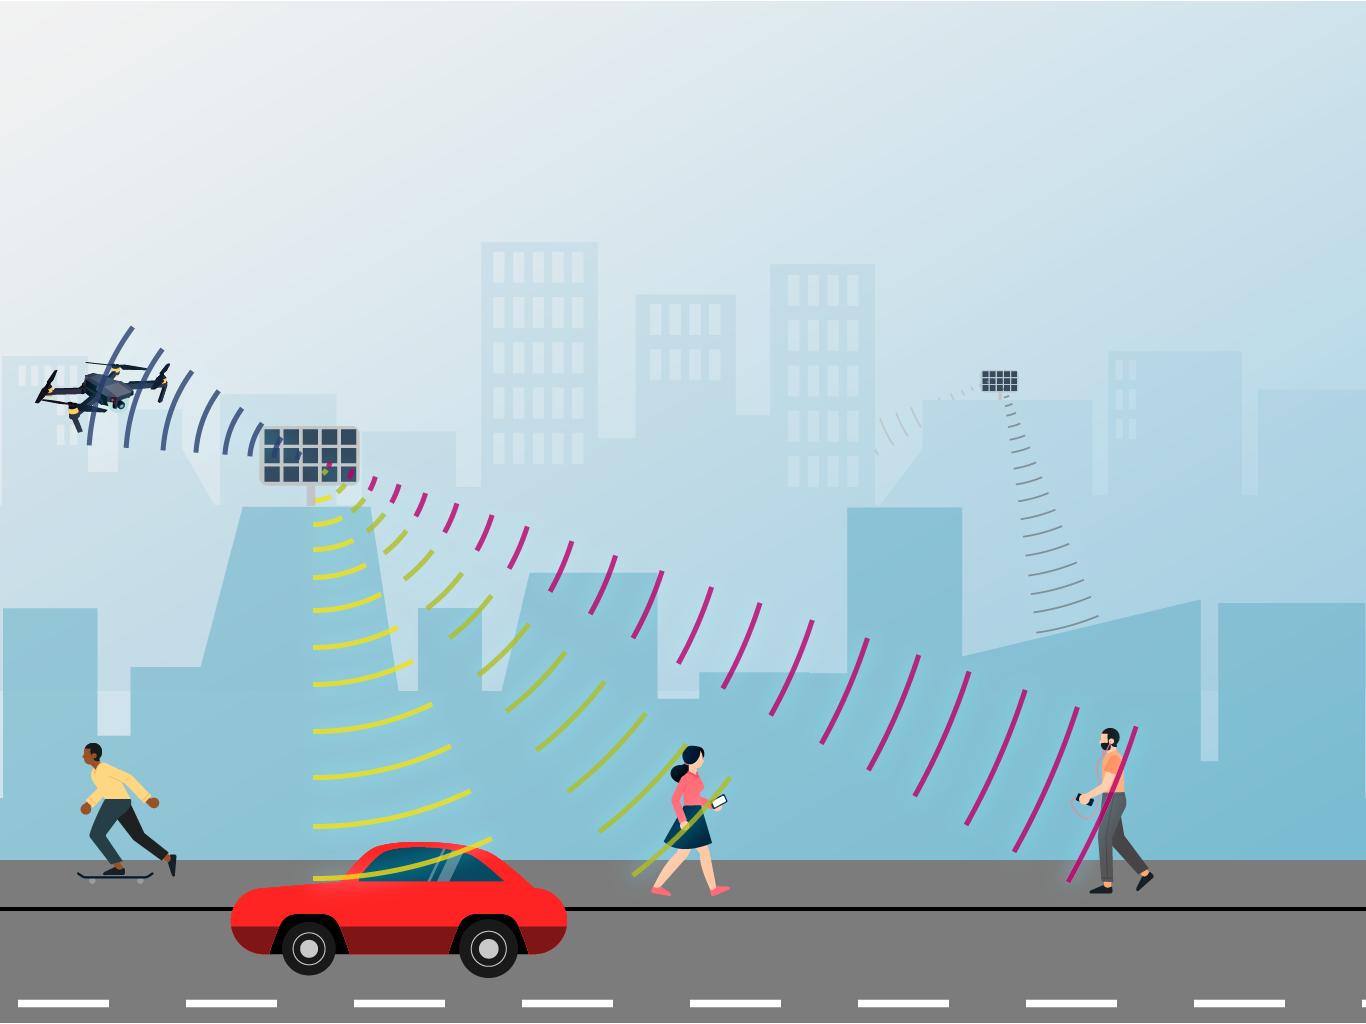 ... sind die Strahlen von adaptiven Antennen punktueller und zielen auf die jeweiligen Endgeräte.